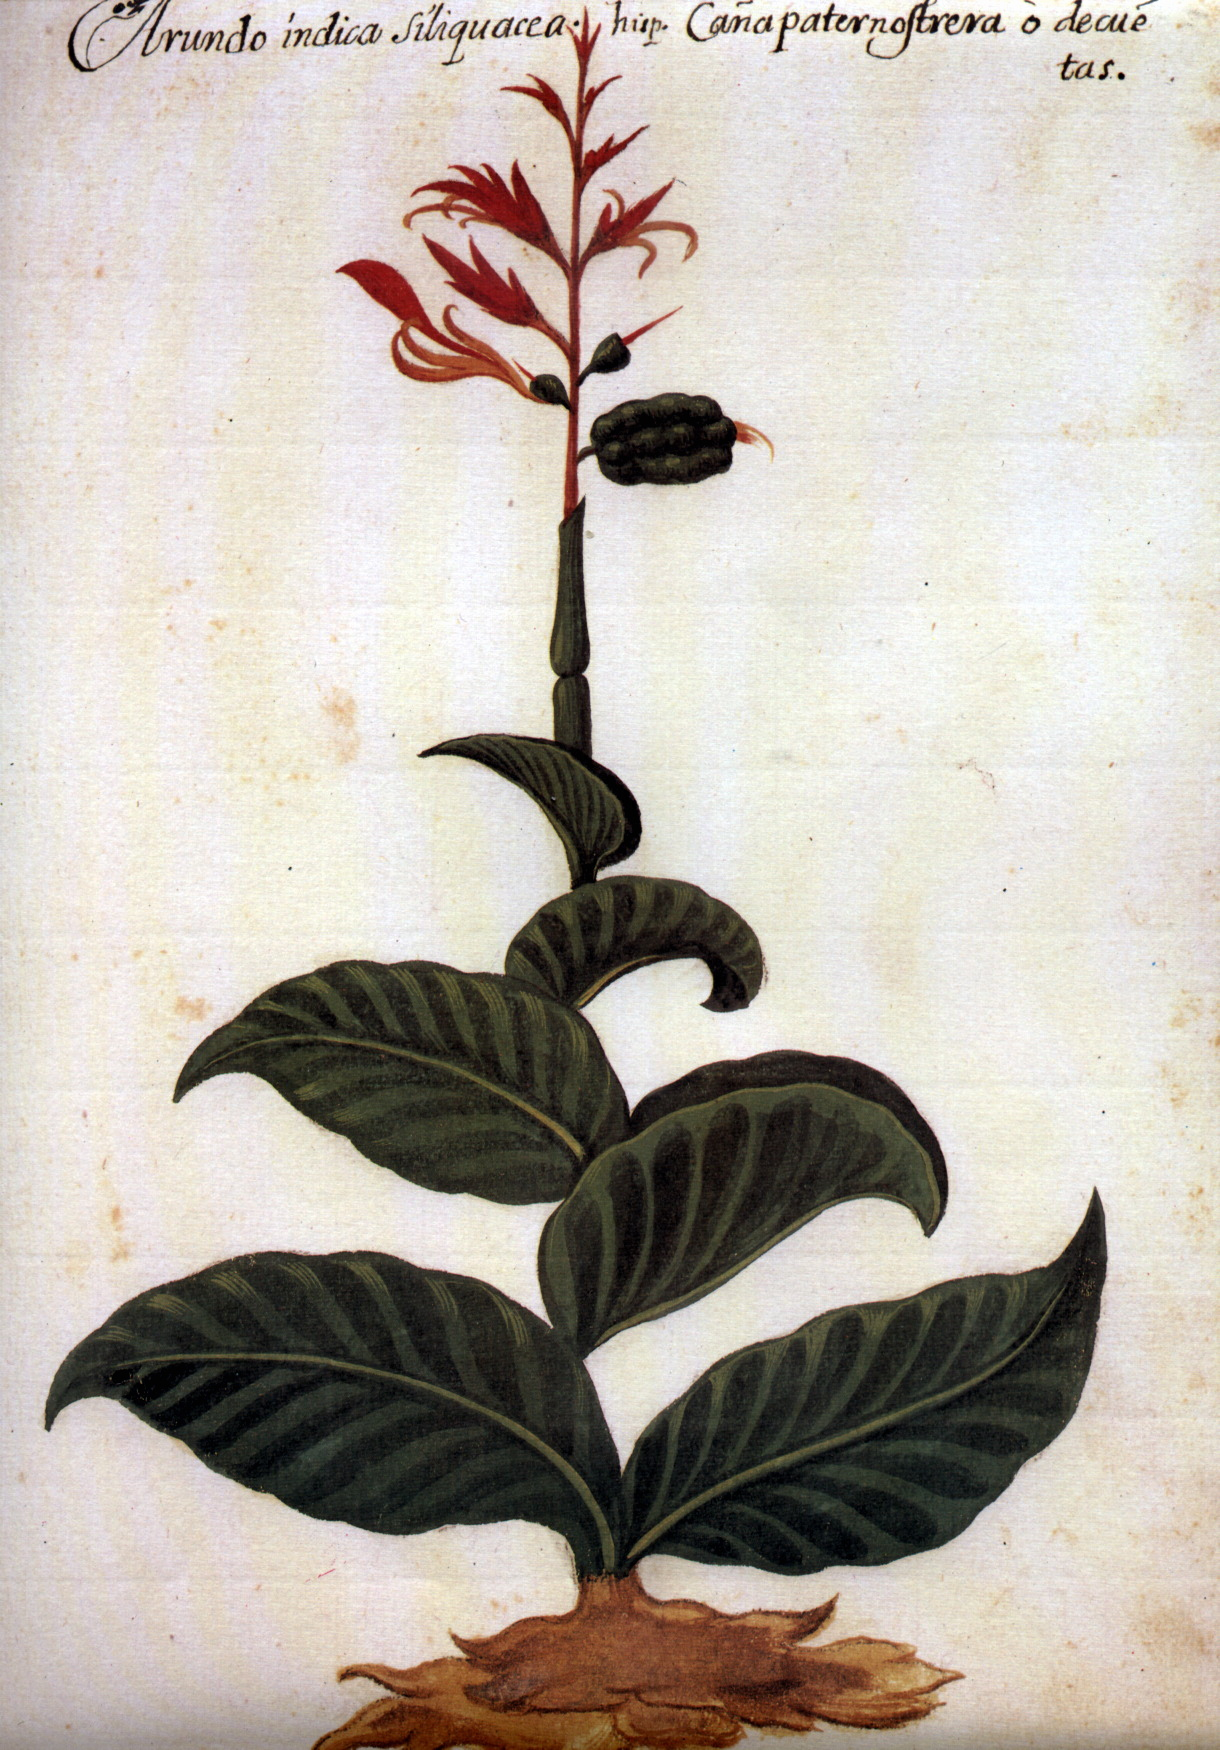 Pomar Caña indica